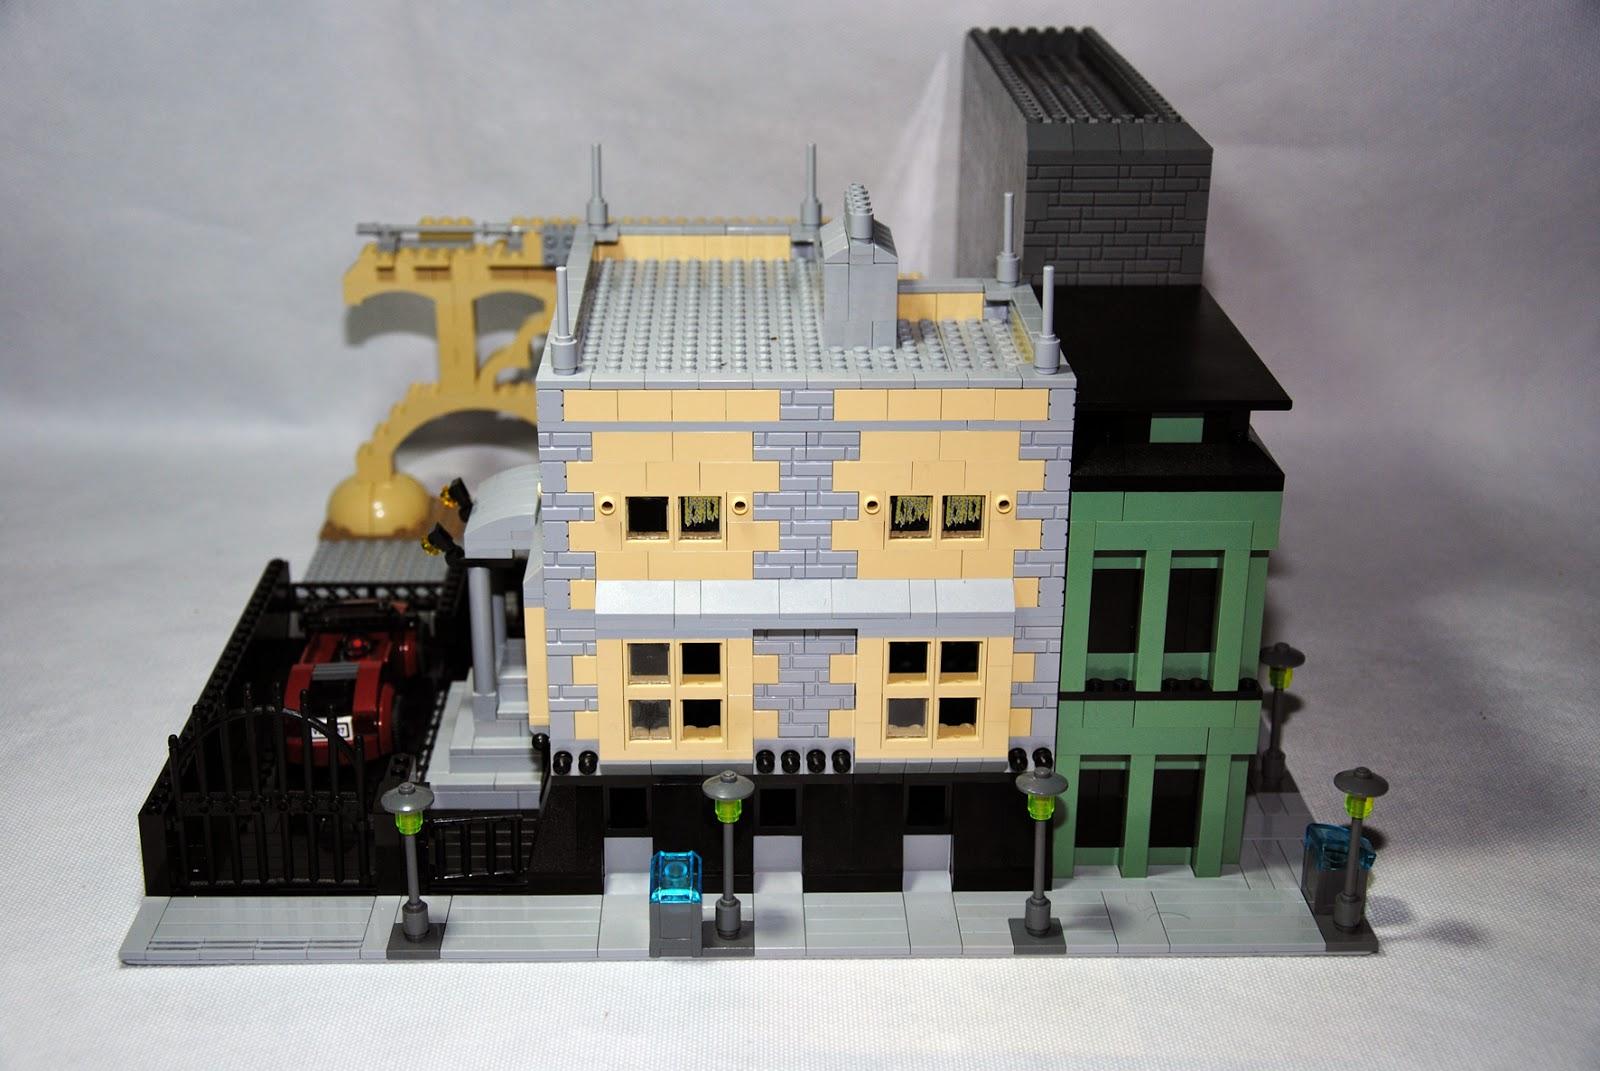 Fachada del edificio con aparcamiento